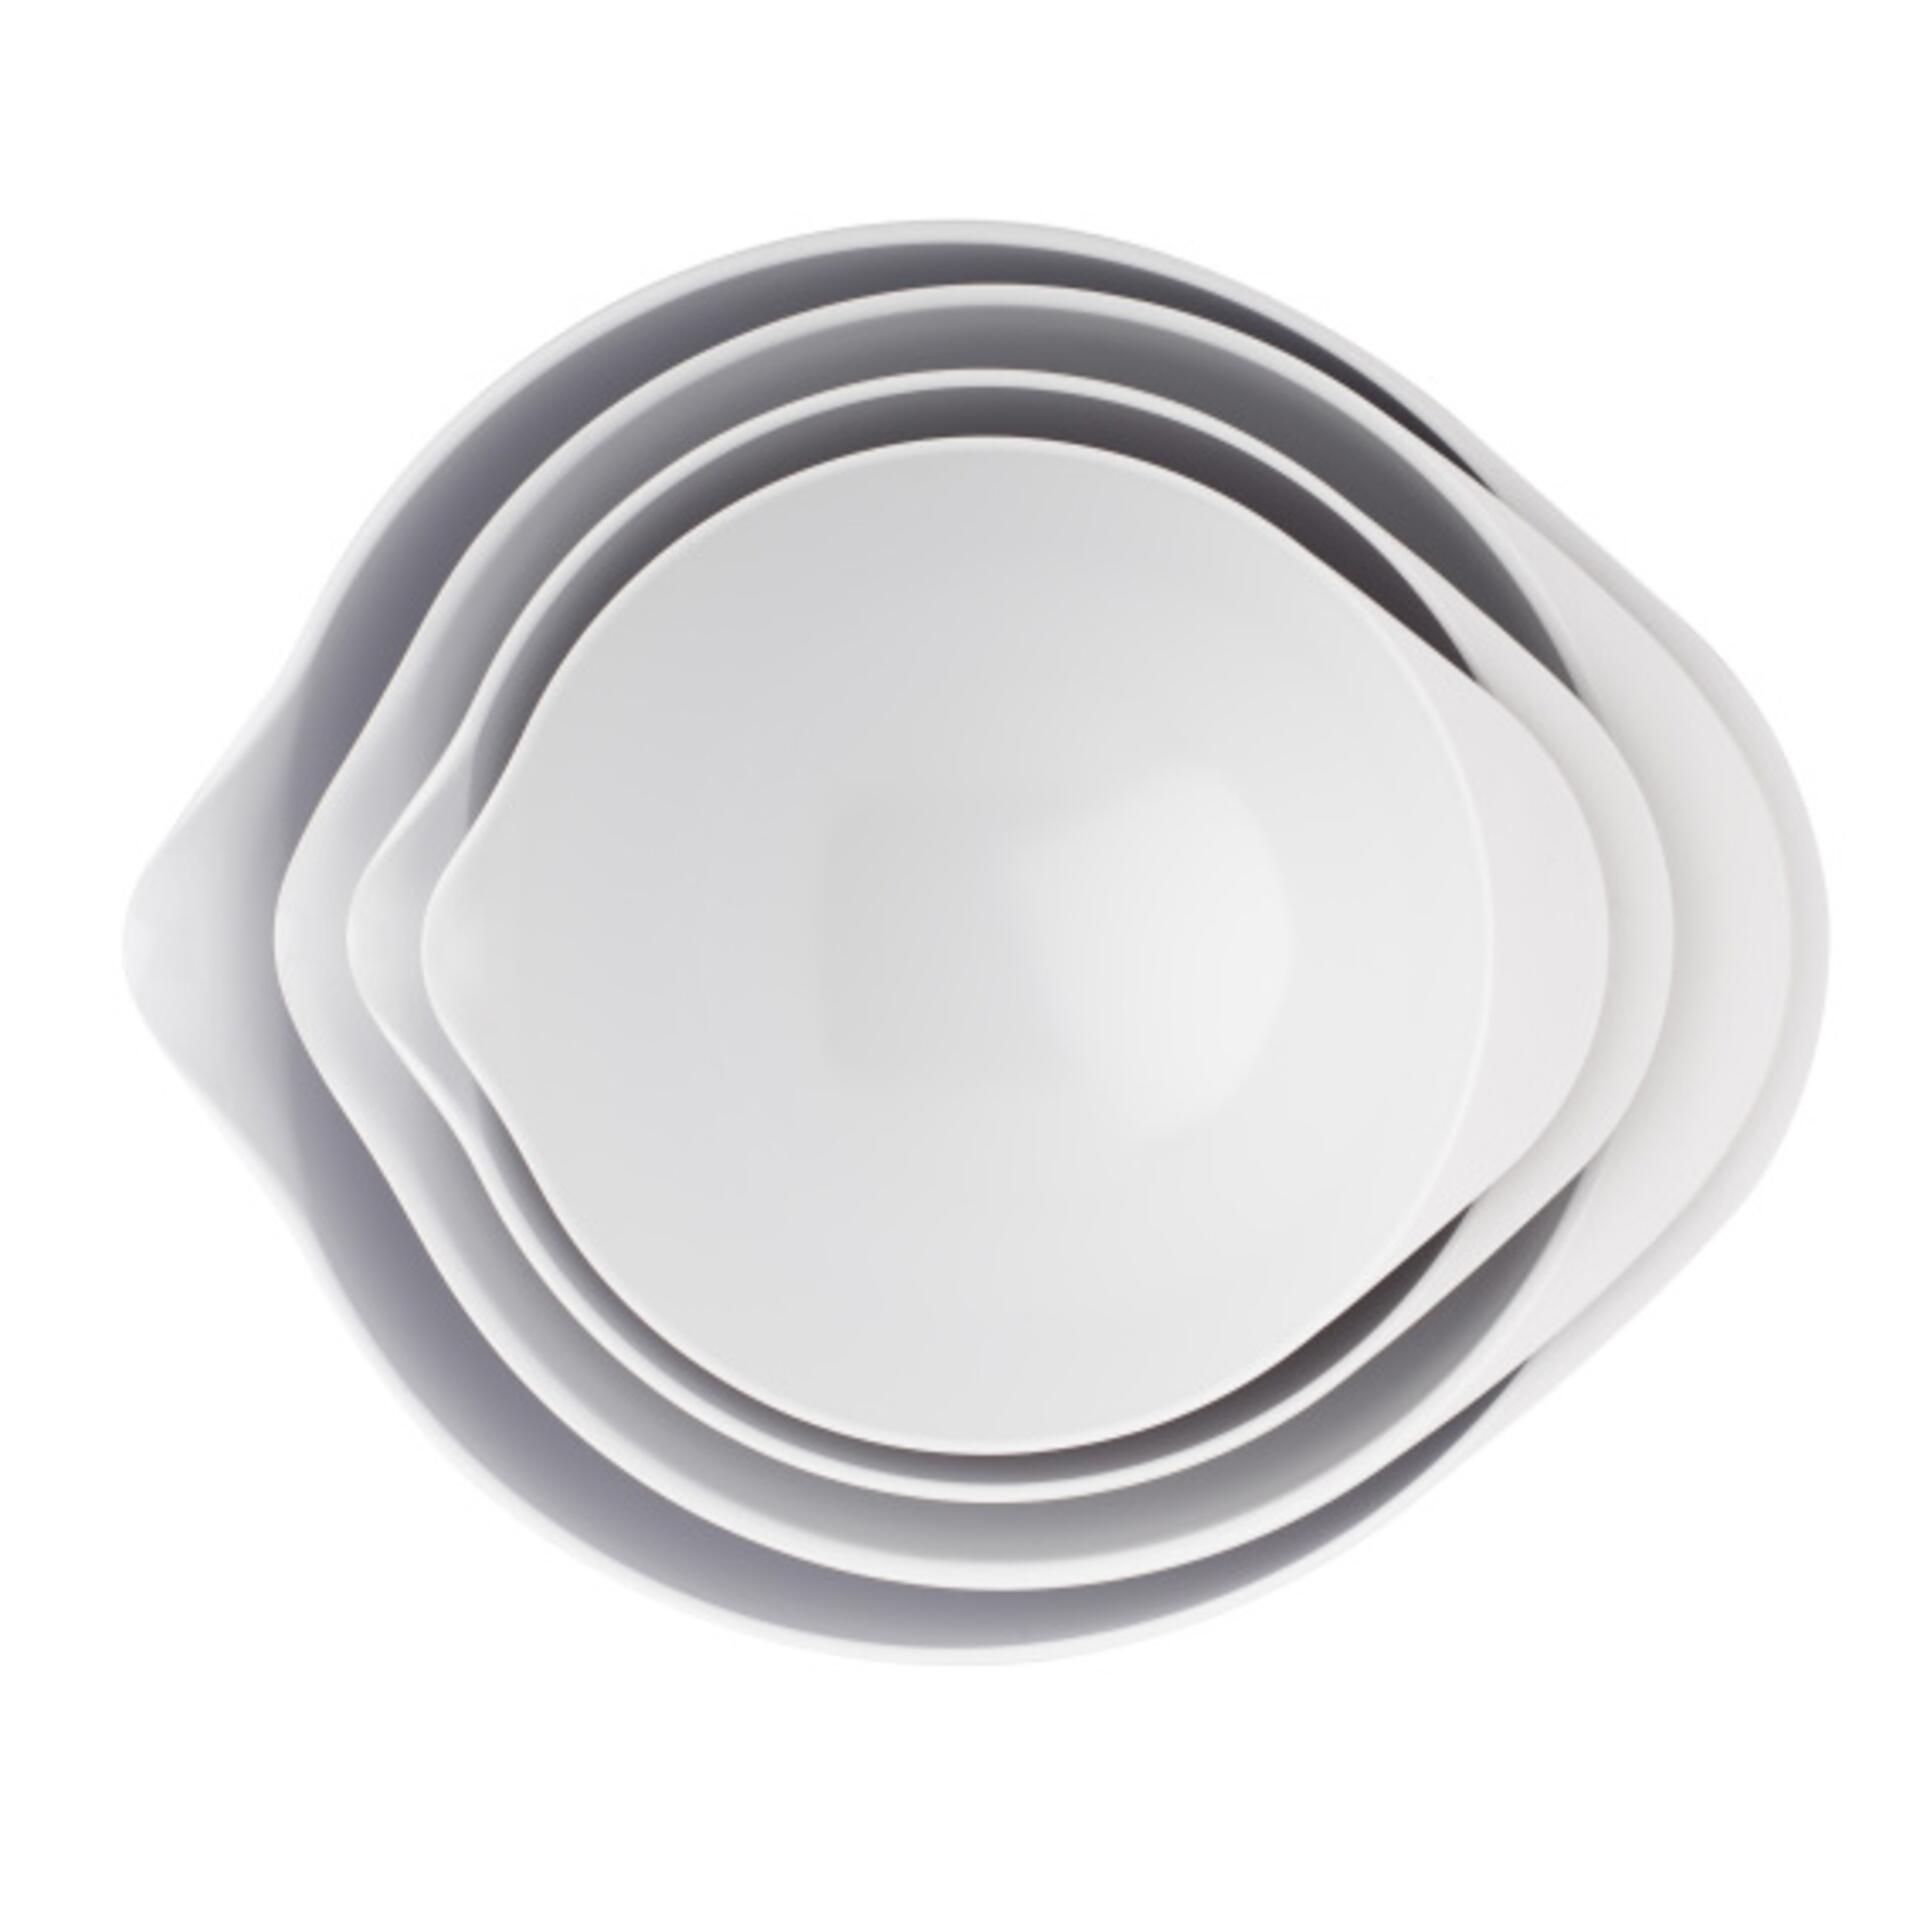 Rosti Mepal Margrethe Rührschüssel 2,0 l Weiß